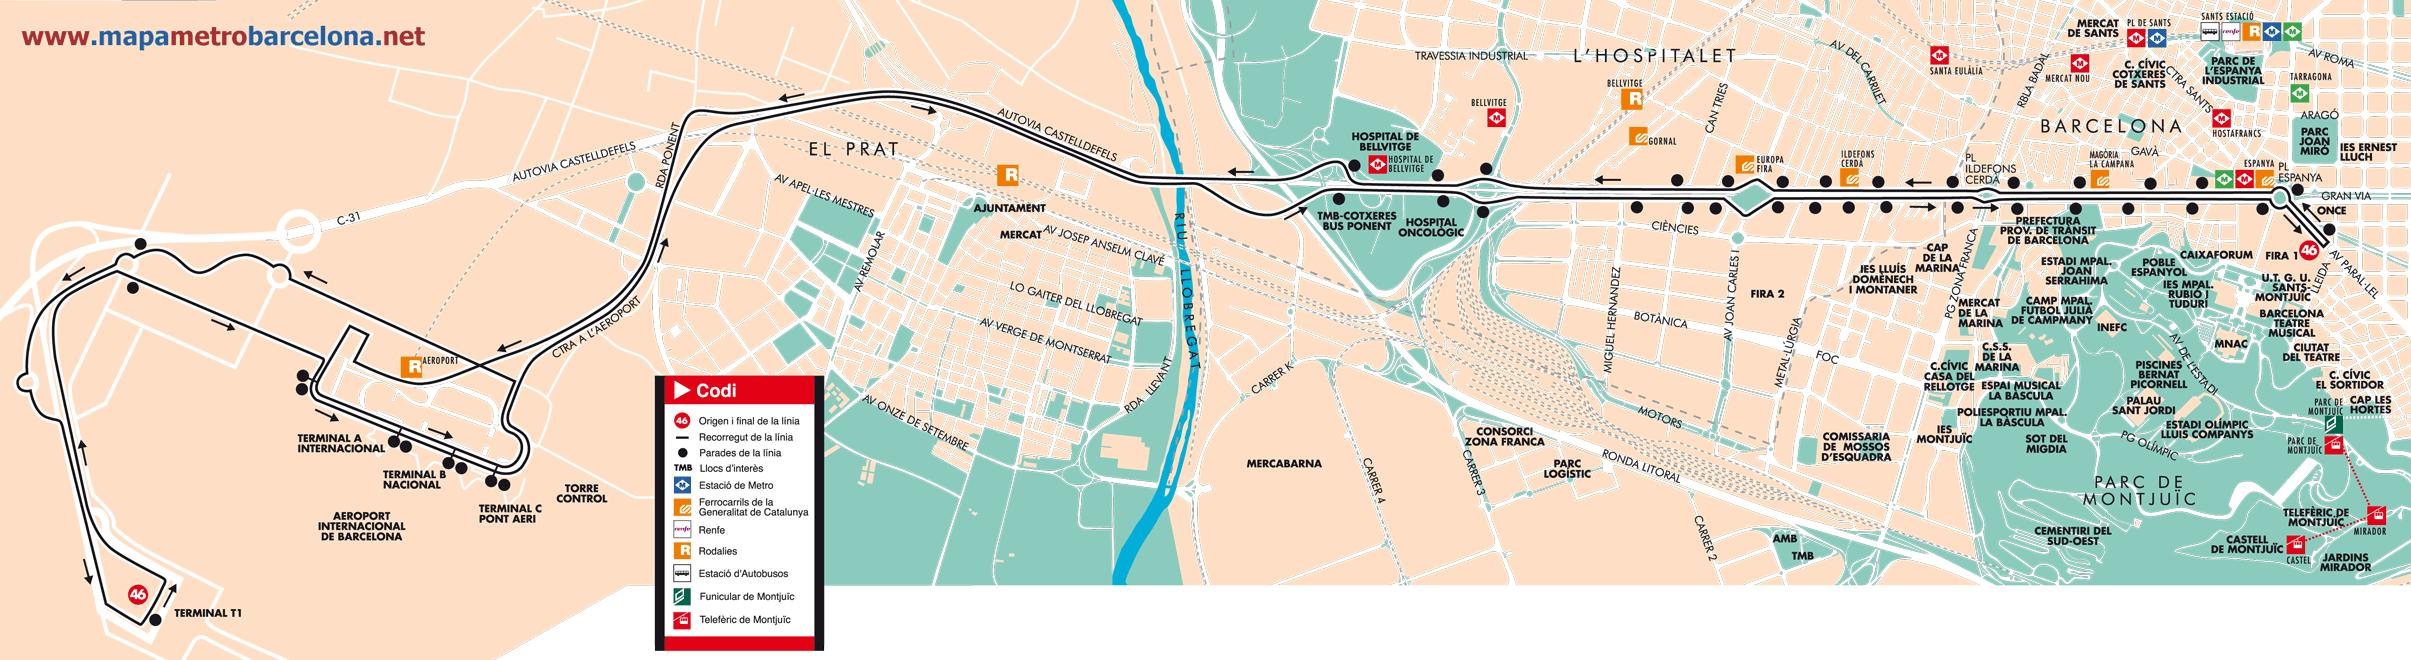 Bus Line 46 Pla 231 A Espanya Aeroport Bcn Barcelona Map